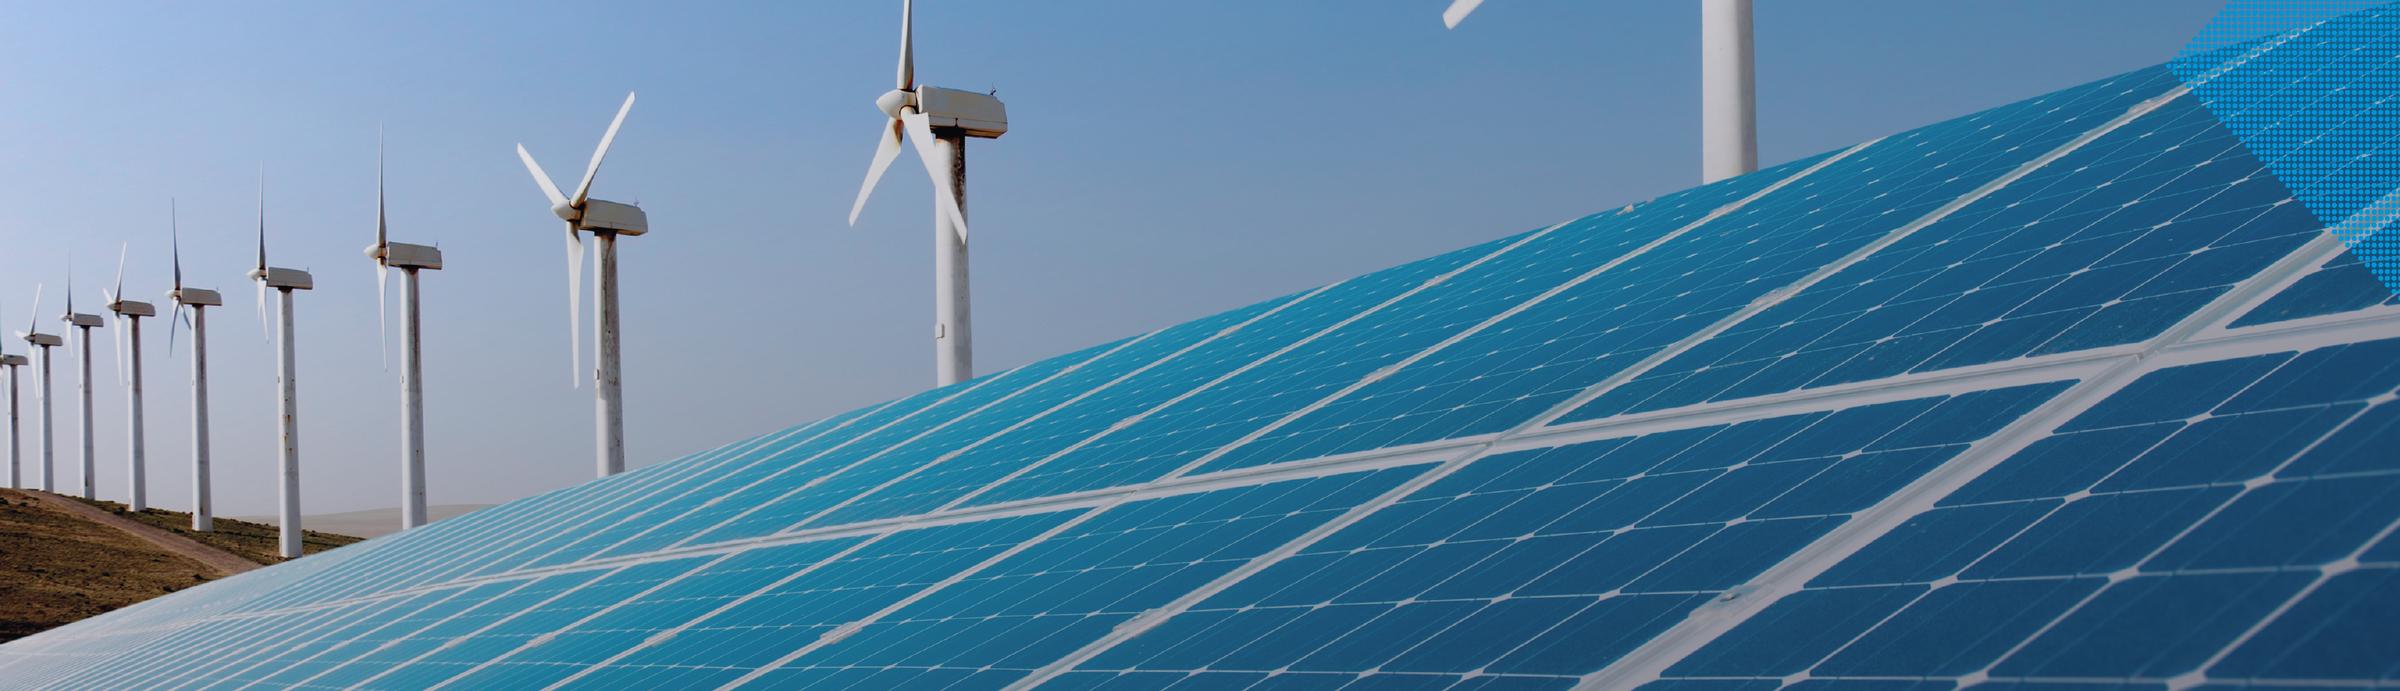 Home - Renewable Energy